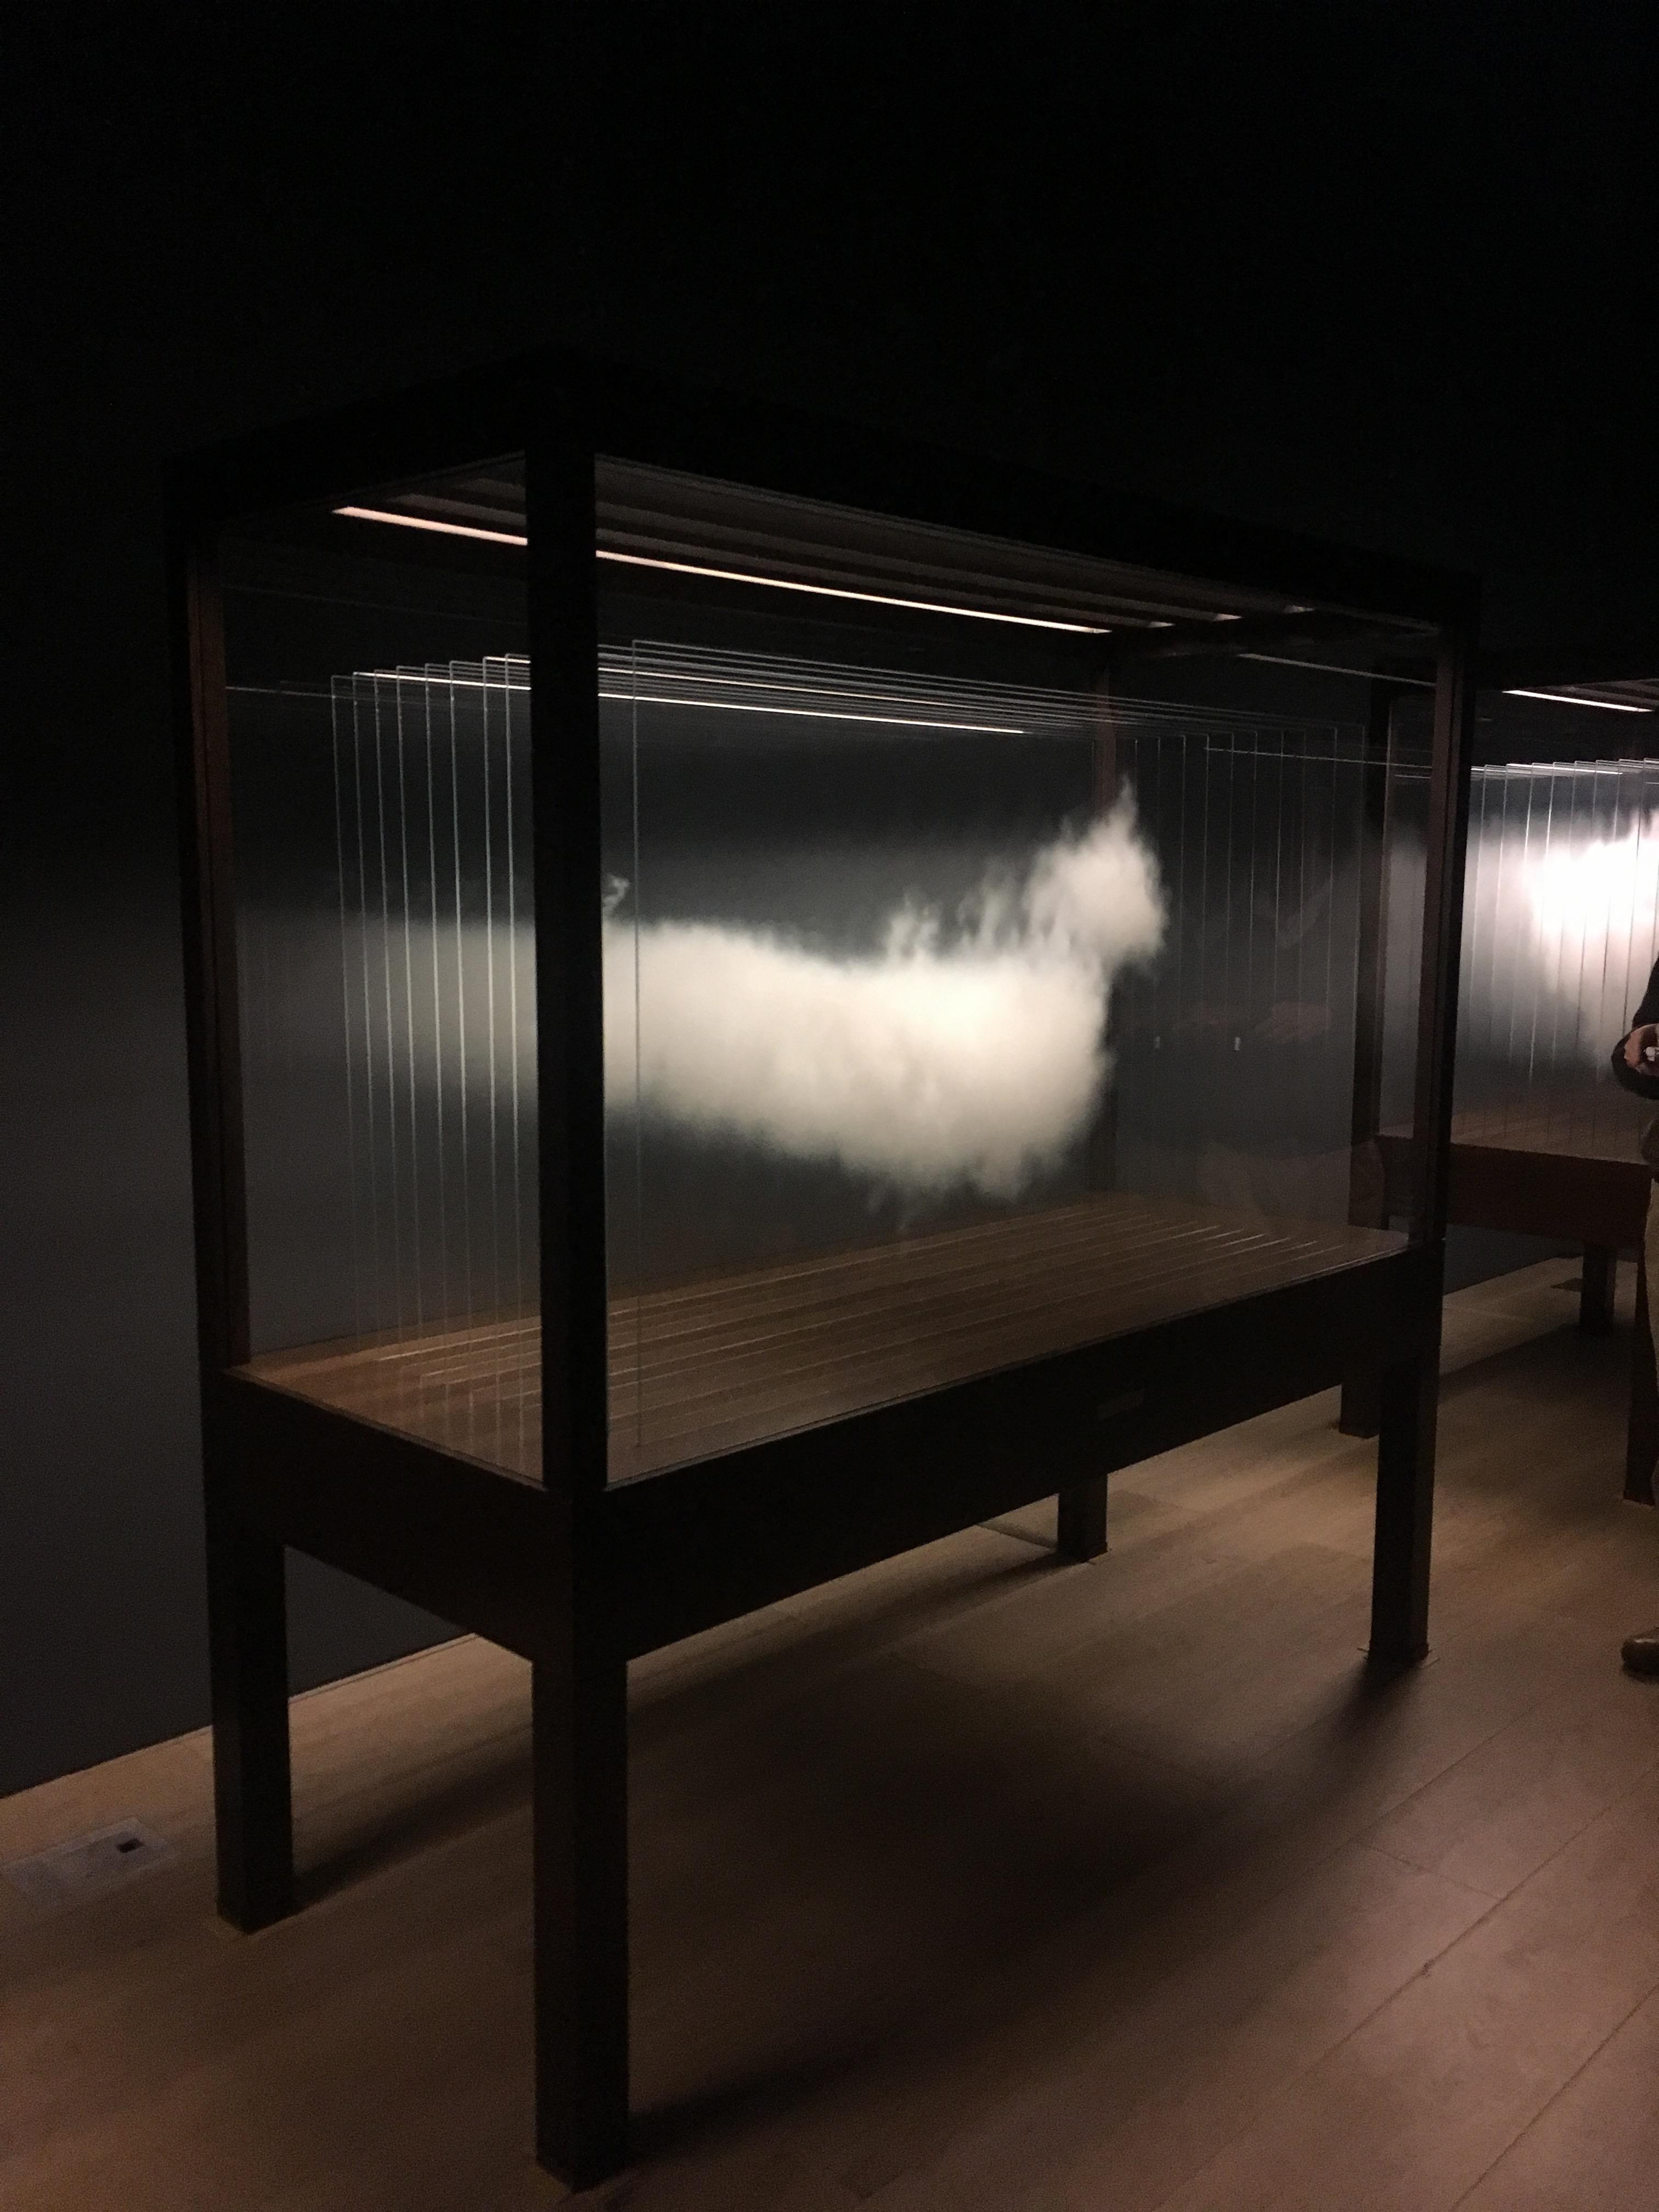 レアンドロ・エルリッヒ 作品解説:The cloud(Japan)